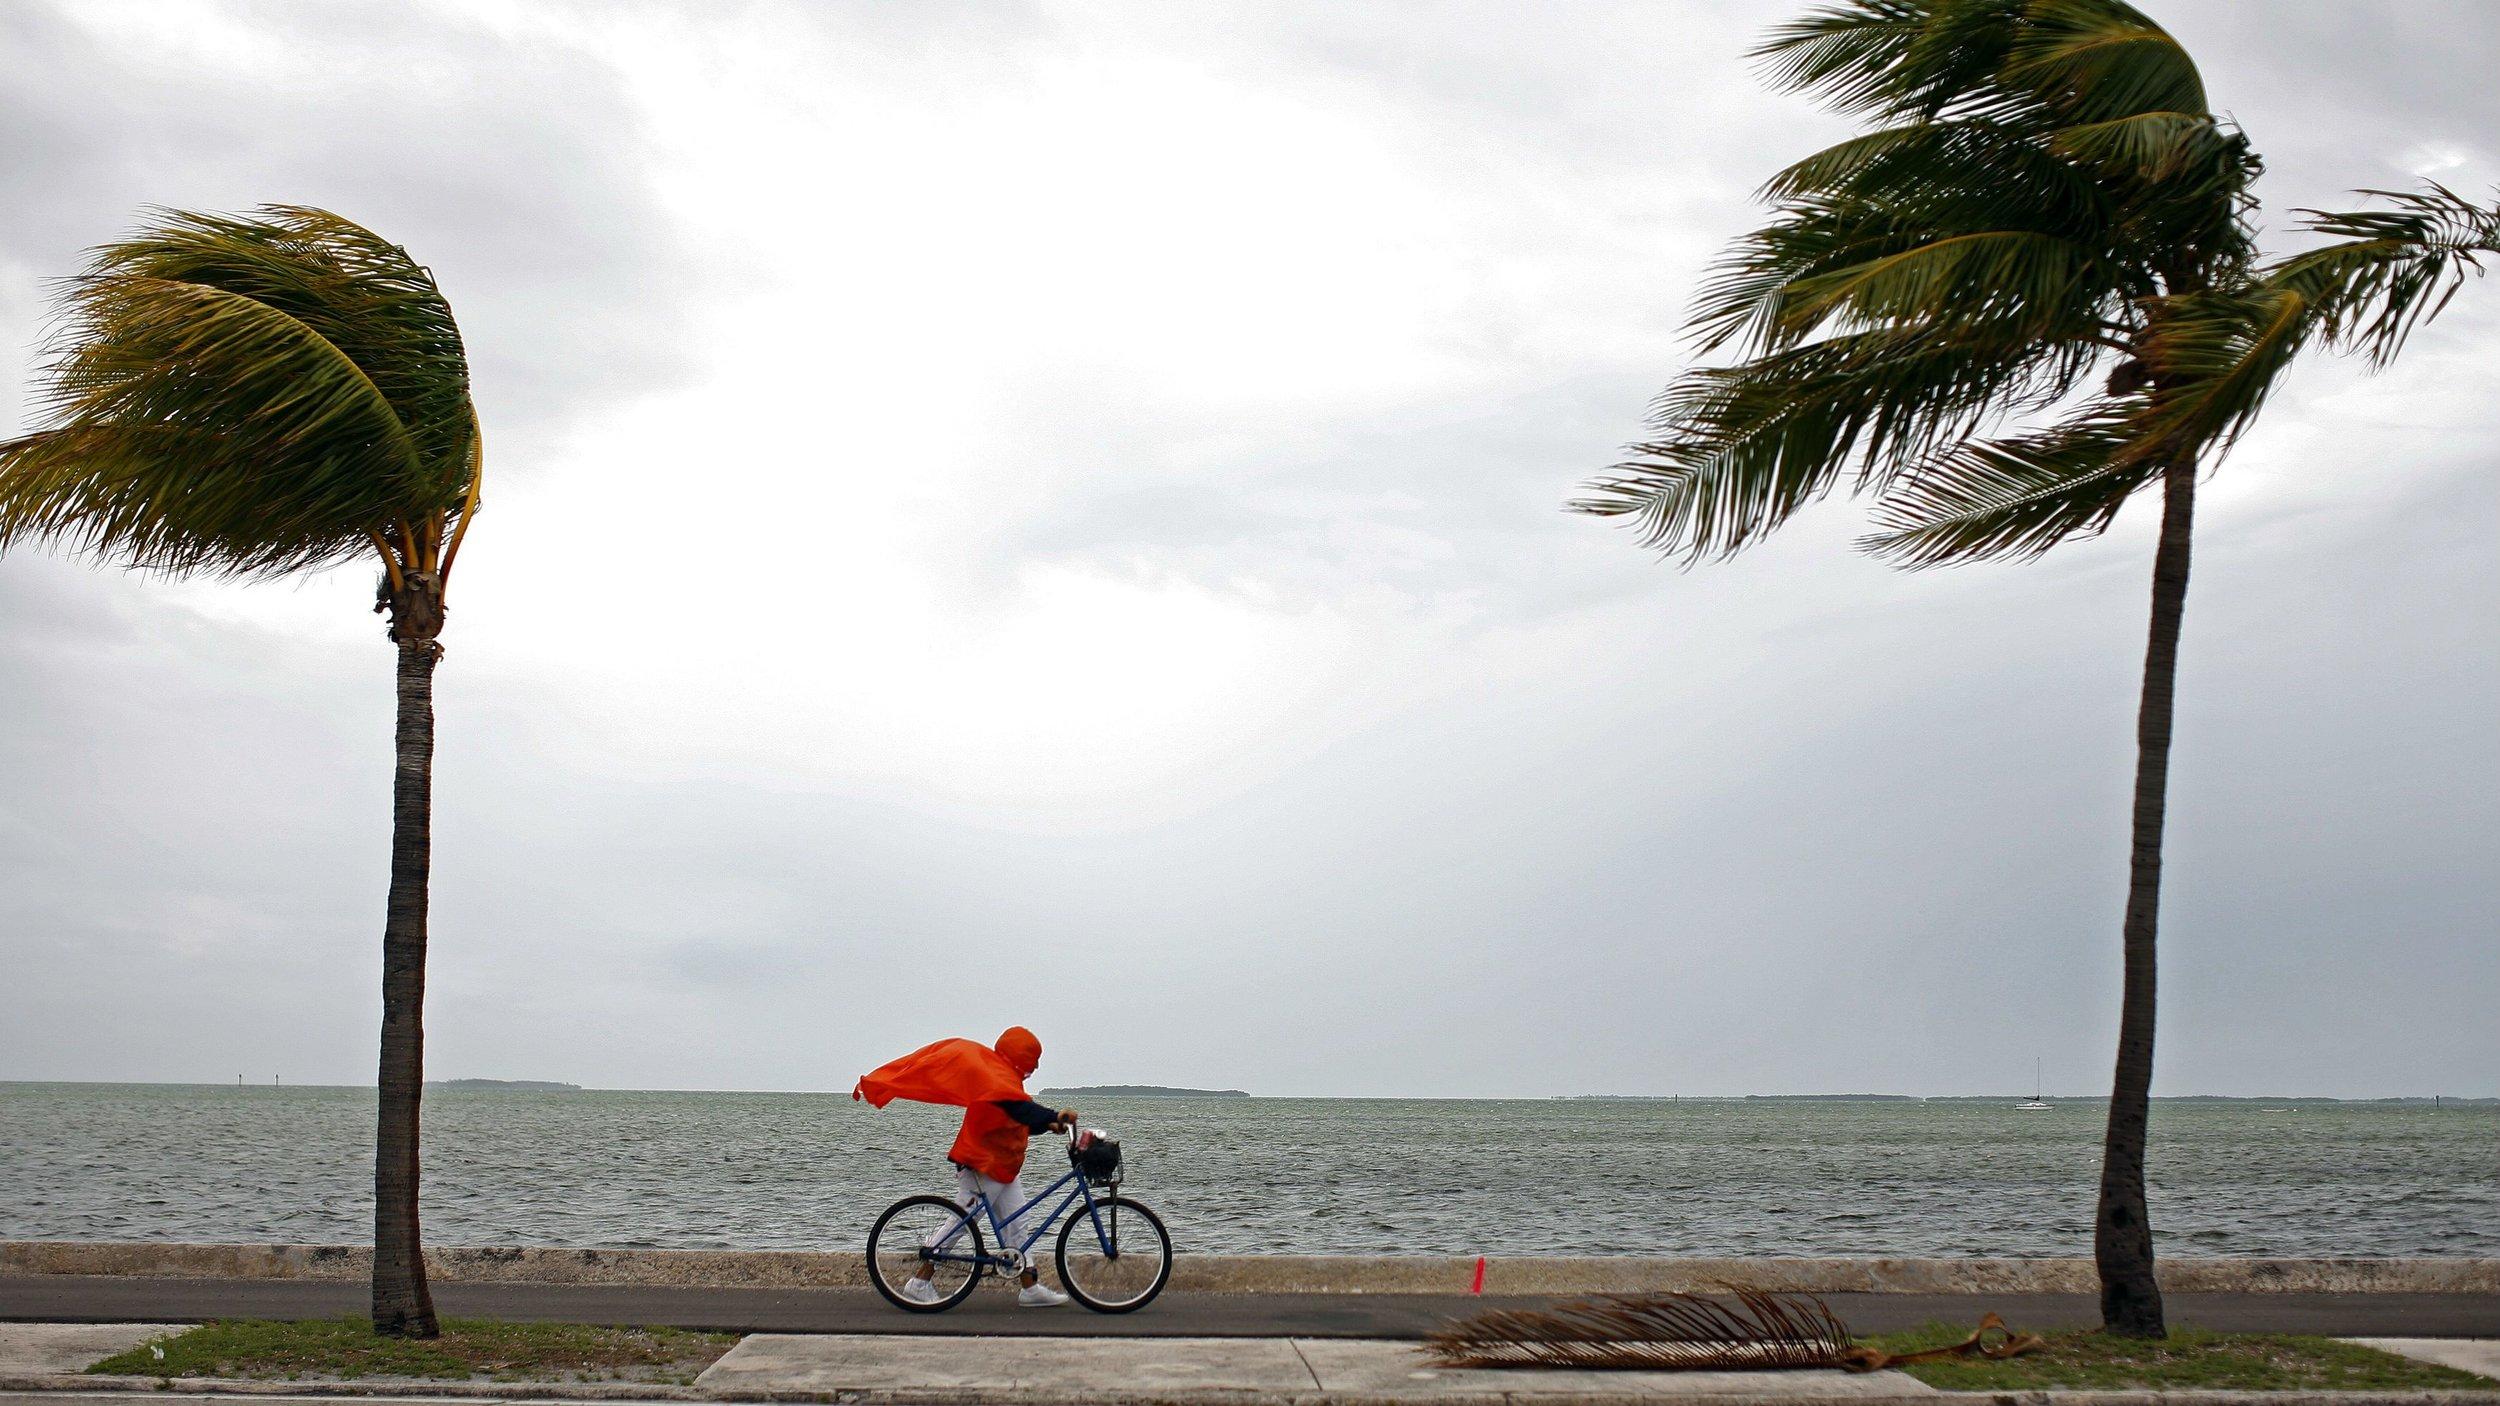 hurricane-irma-storm.jpg